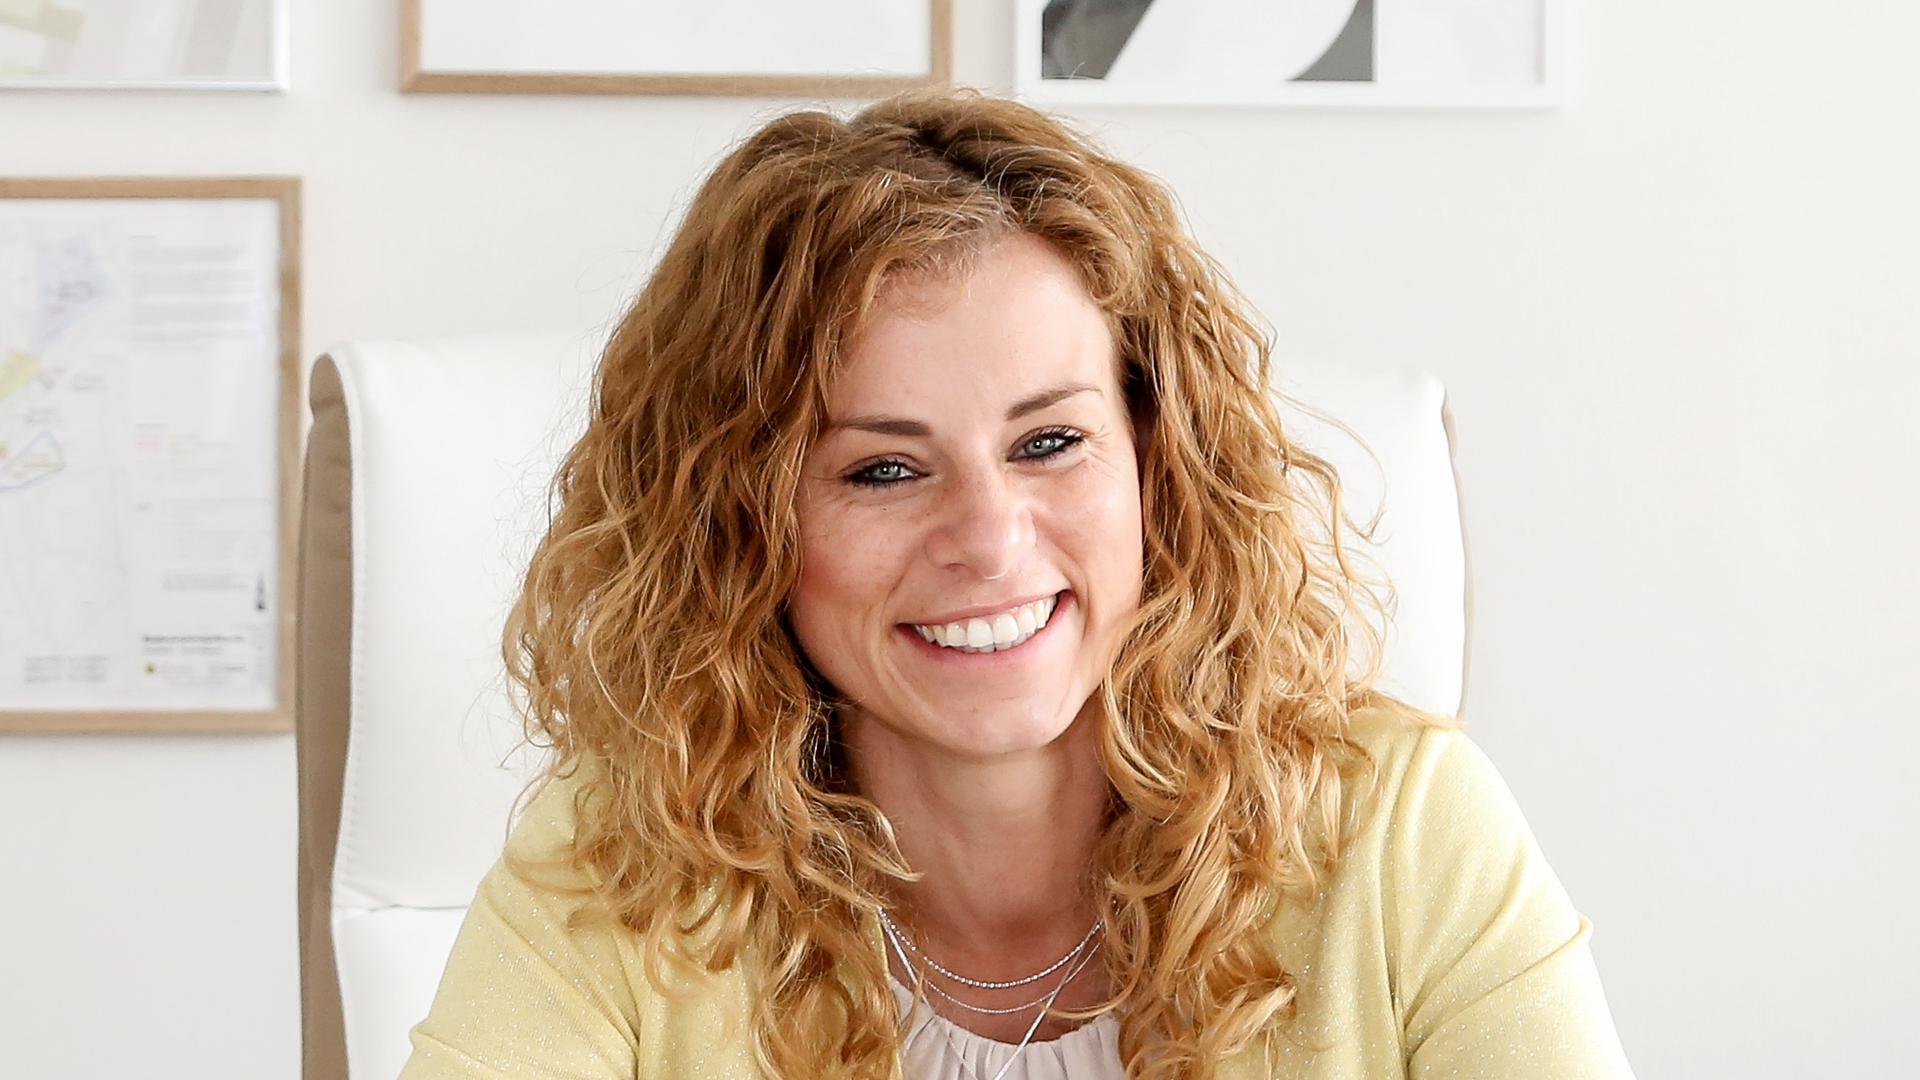 Bürgermeisterin Cathrin Wöhrle an ihrem Schreibtisch.